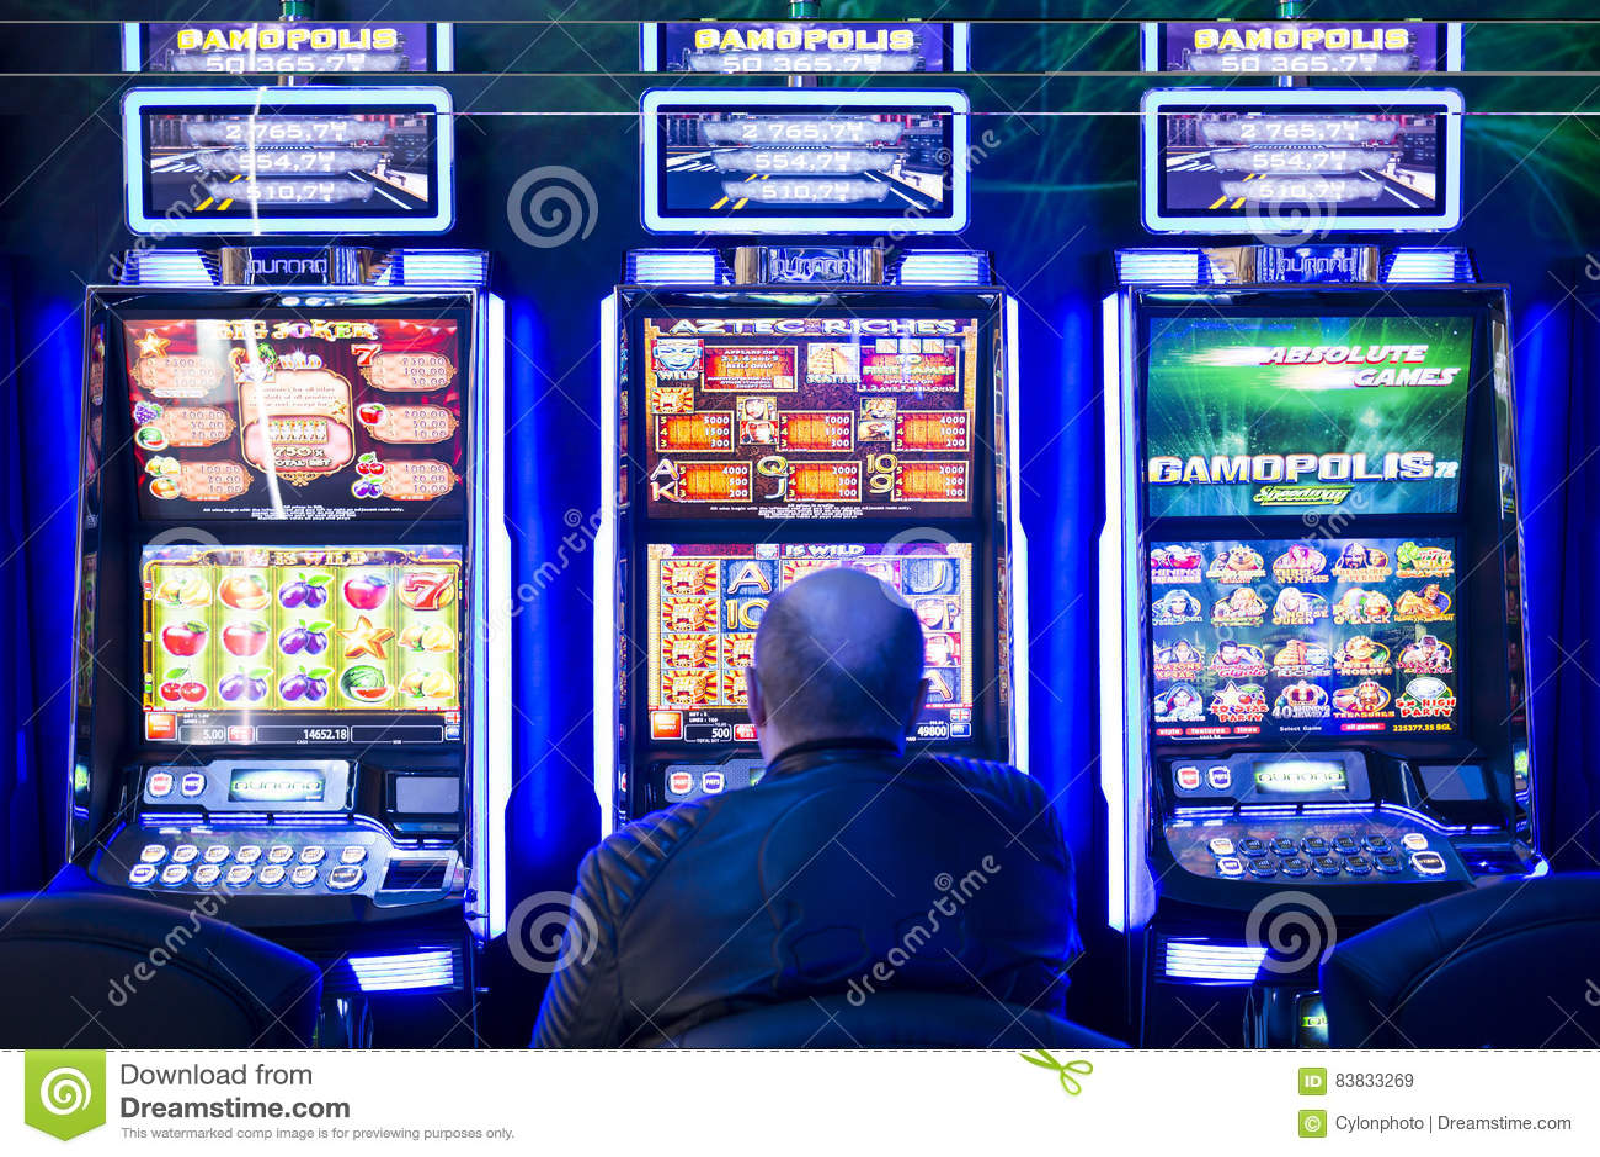 Игровые автоматы igt из болгарии бездепозитный бонус за регистрацию в онлайн казино без отыгрыша